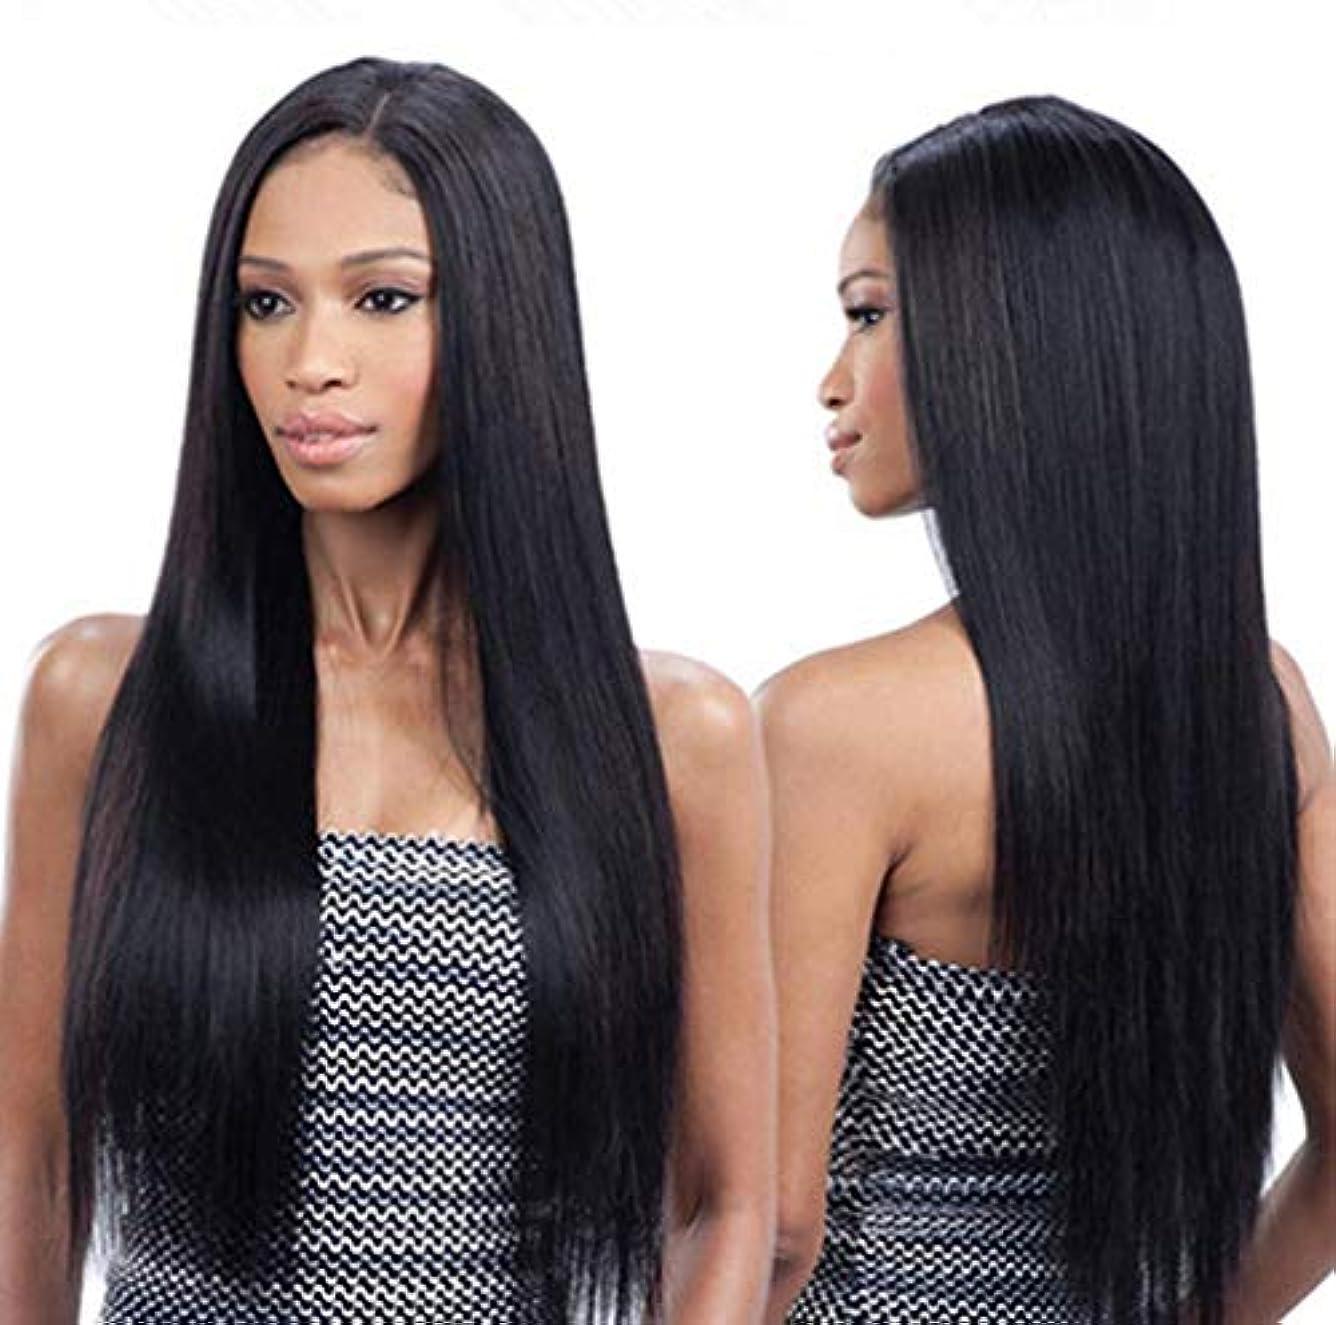 継続中繰り返した一瞬女性のかつらの毛の耐熱性合成かつらロングストレート耐熱毛事前摘み取られたかつらブラック150%密度